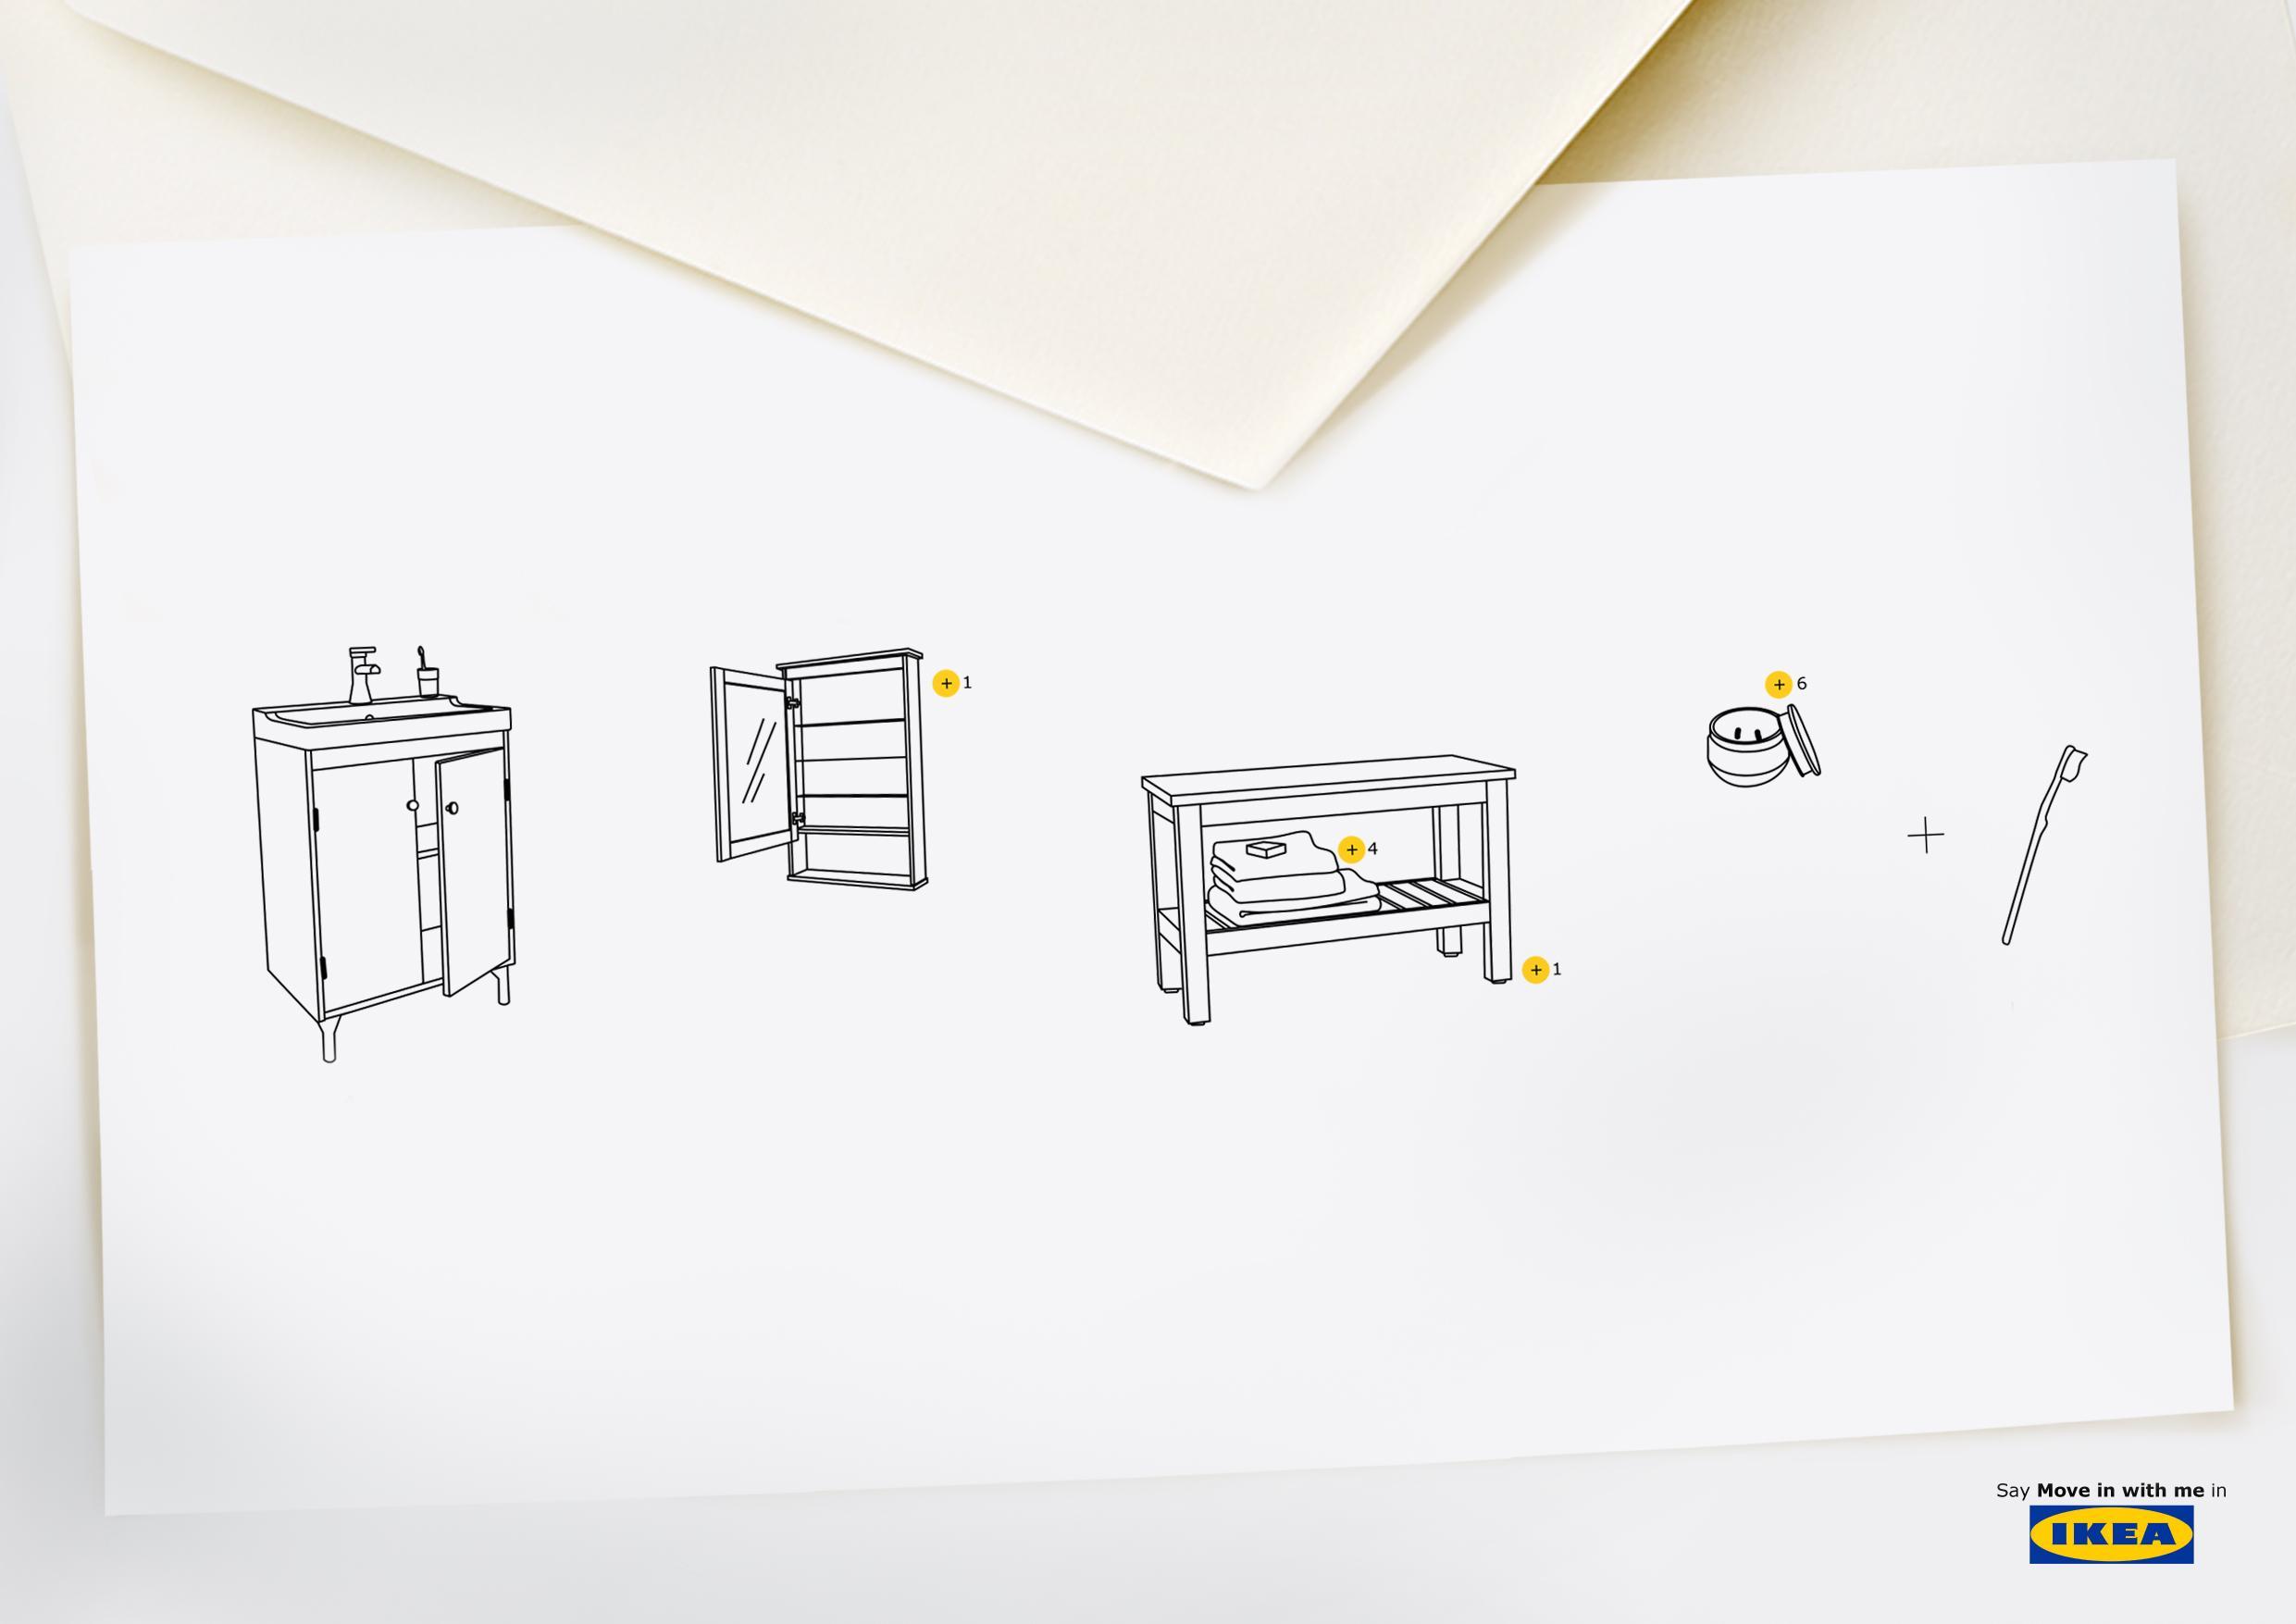 IKEA Print Ad - Say It In IKEA, 1